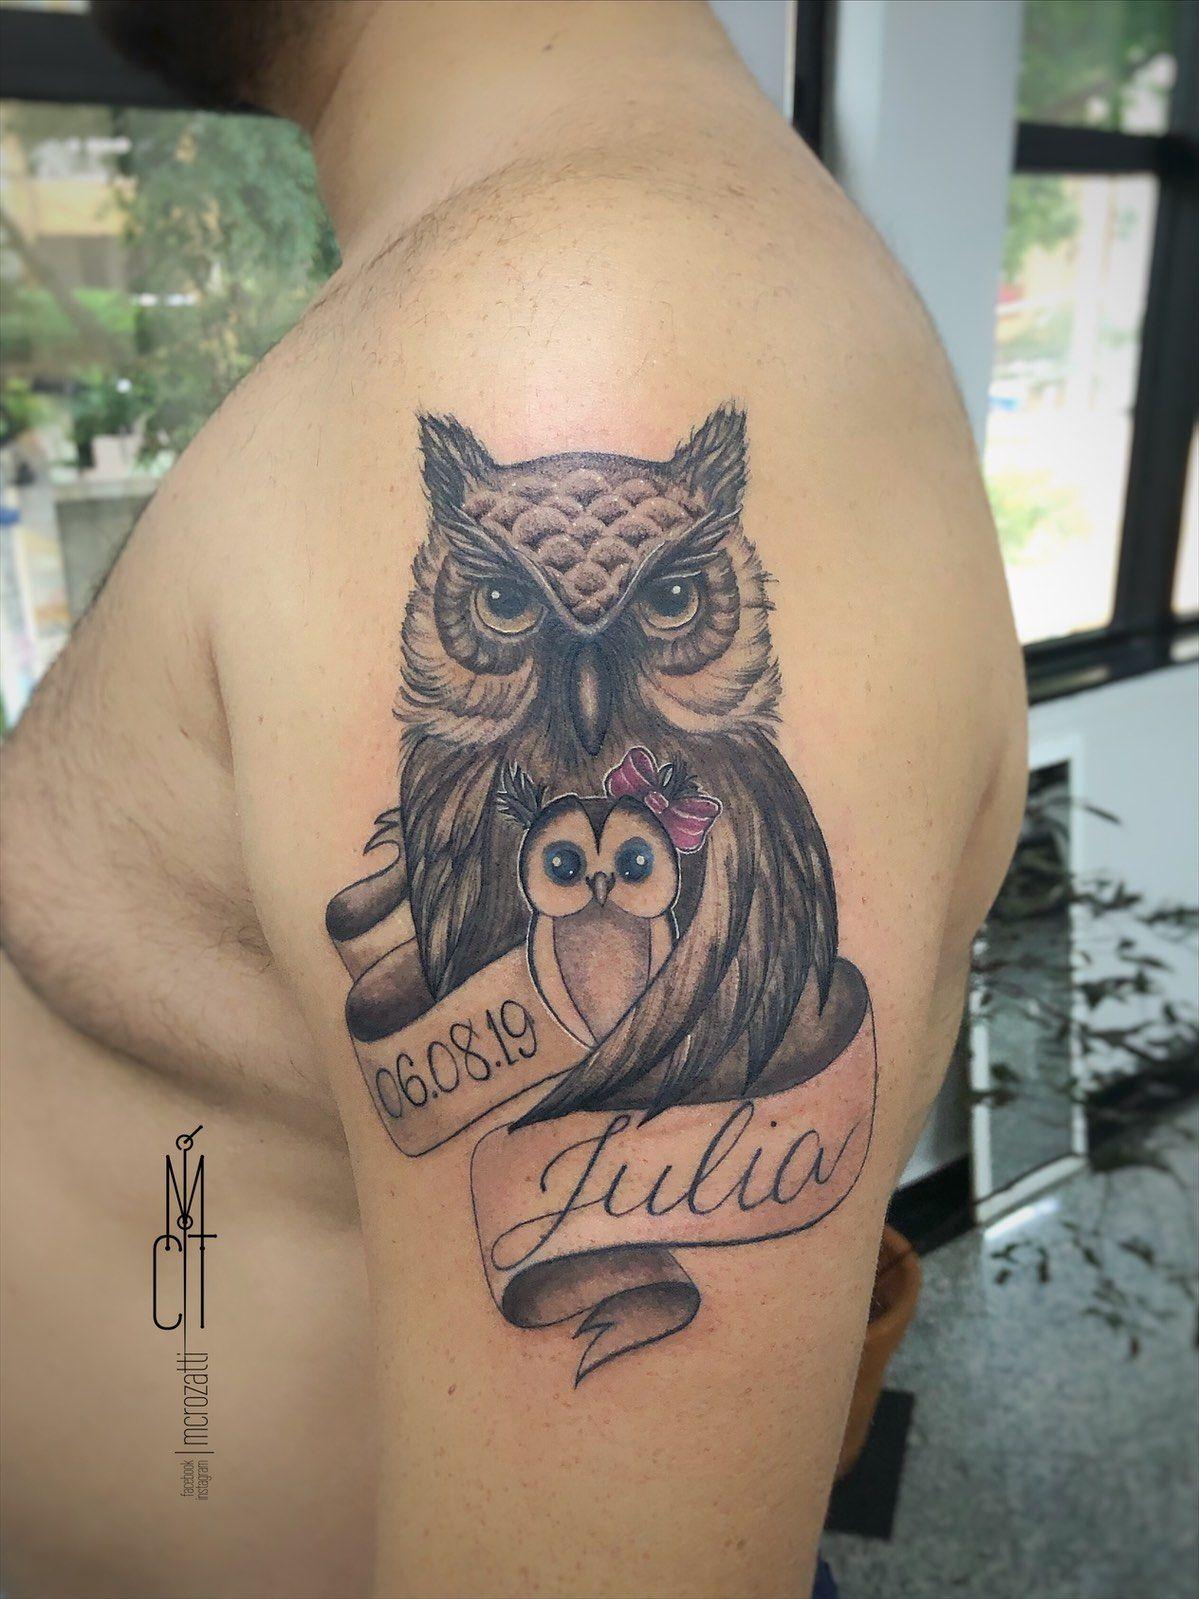 ✧ Cᴏʀᴜᴊᴀ ✧ .  Para o papai coruja da Júlia! André! Muito obrigada querido! Que vc e Fer continuem sendo esses pais maravilhosos para a Júlia!  . . . .  #tatuadoras #tattoocampinas #cutetattoo #tatuagemdeminina #homenagemtattoo #tattoohomenagem #ideiasparatatuagem #tatuagembrasil #fineline #tattoostyle #tattoofeminina #tatuagemcampinas #tattooing #tattootime #tattoosp #familiatattoo #tatuagem #inktattoo #tattooinstagram #lovetattoos #sptattoos #tattooed #inkalma #mcrozatti